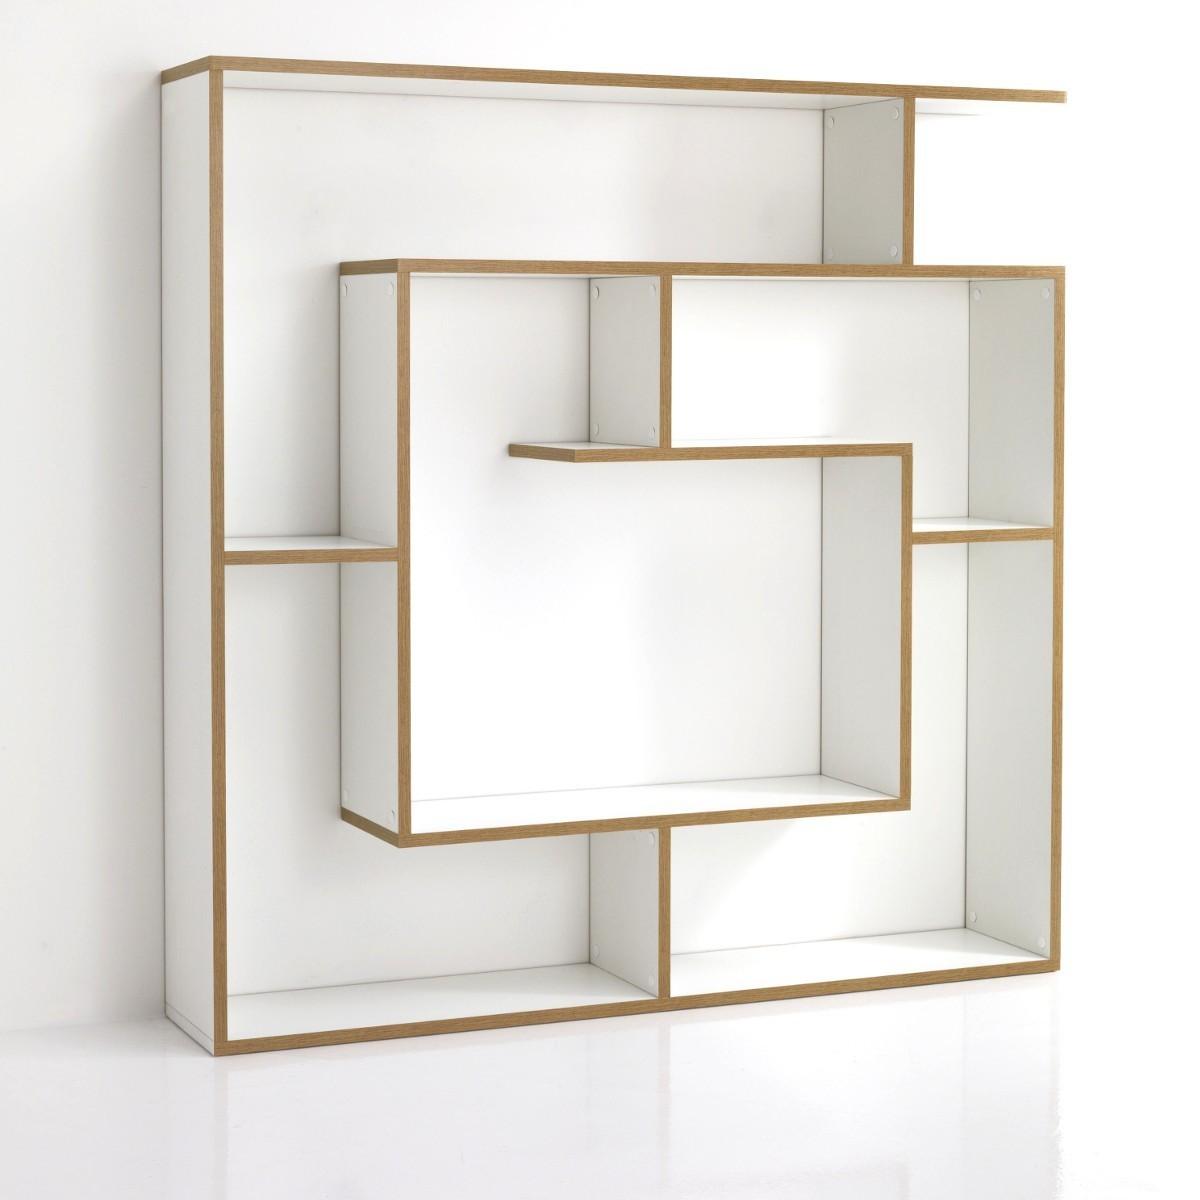 Libreria parete chiocciola in legno bianco poro aperto 130 for Oggetti da parete design